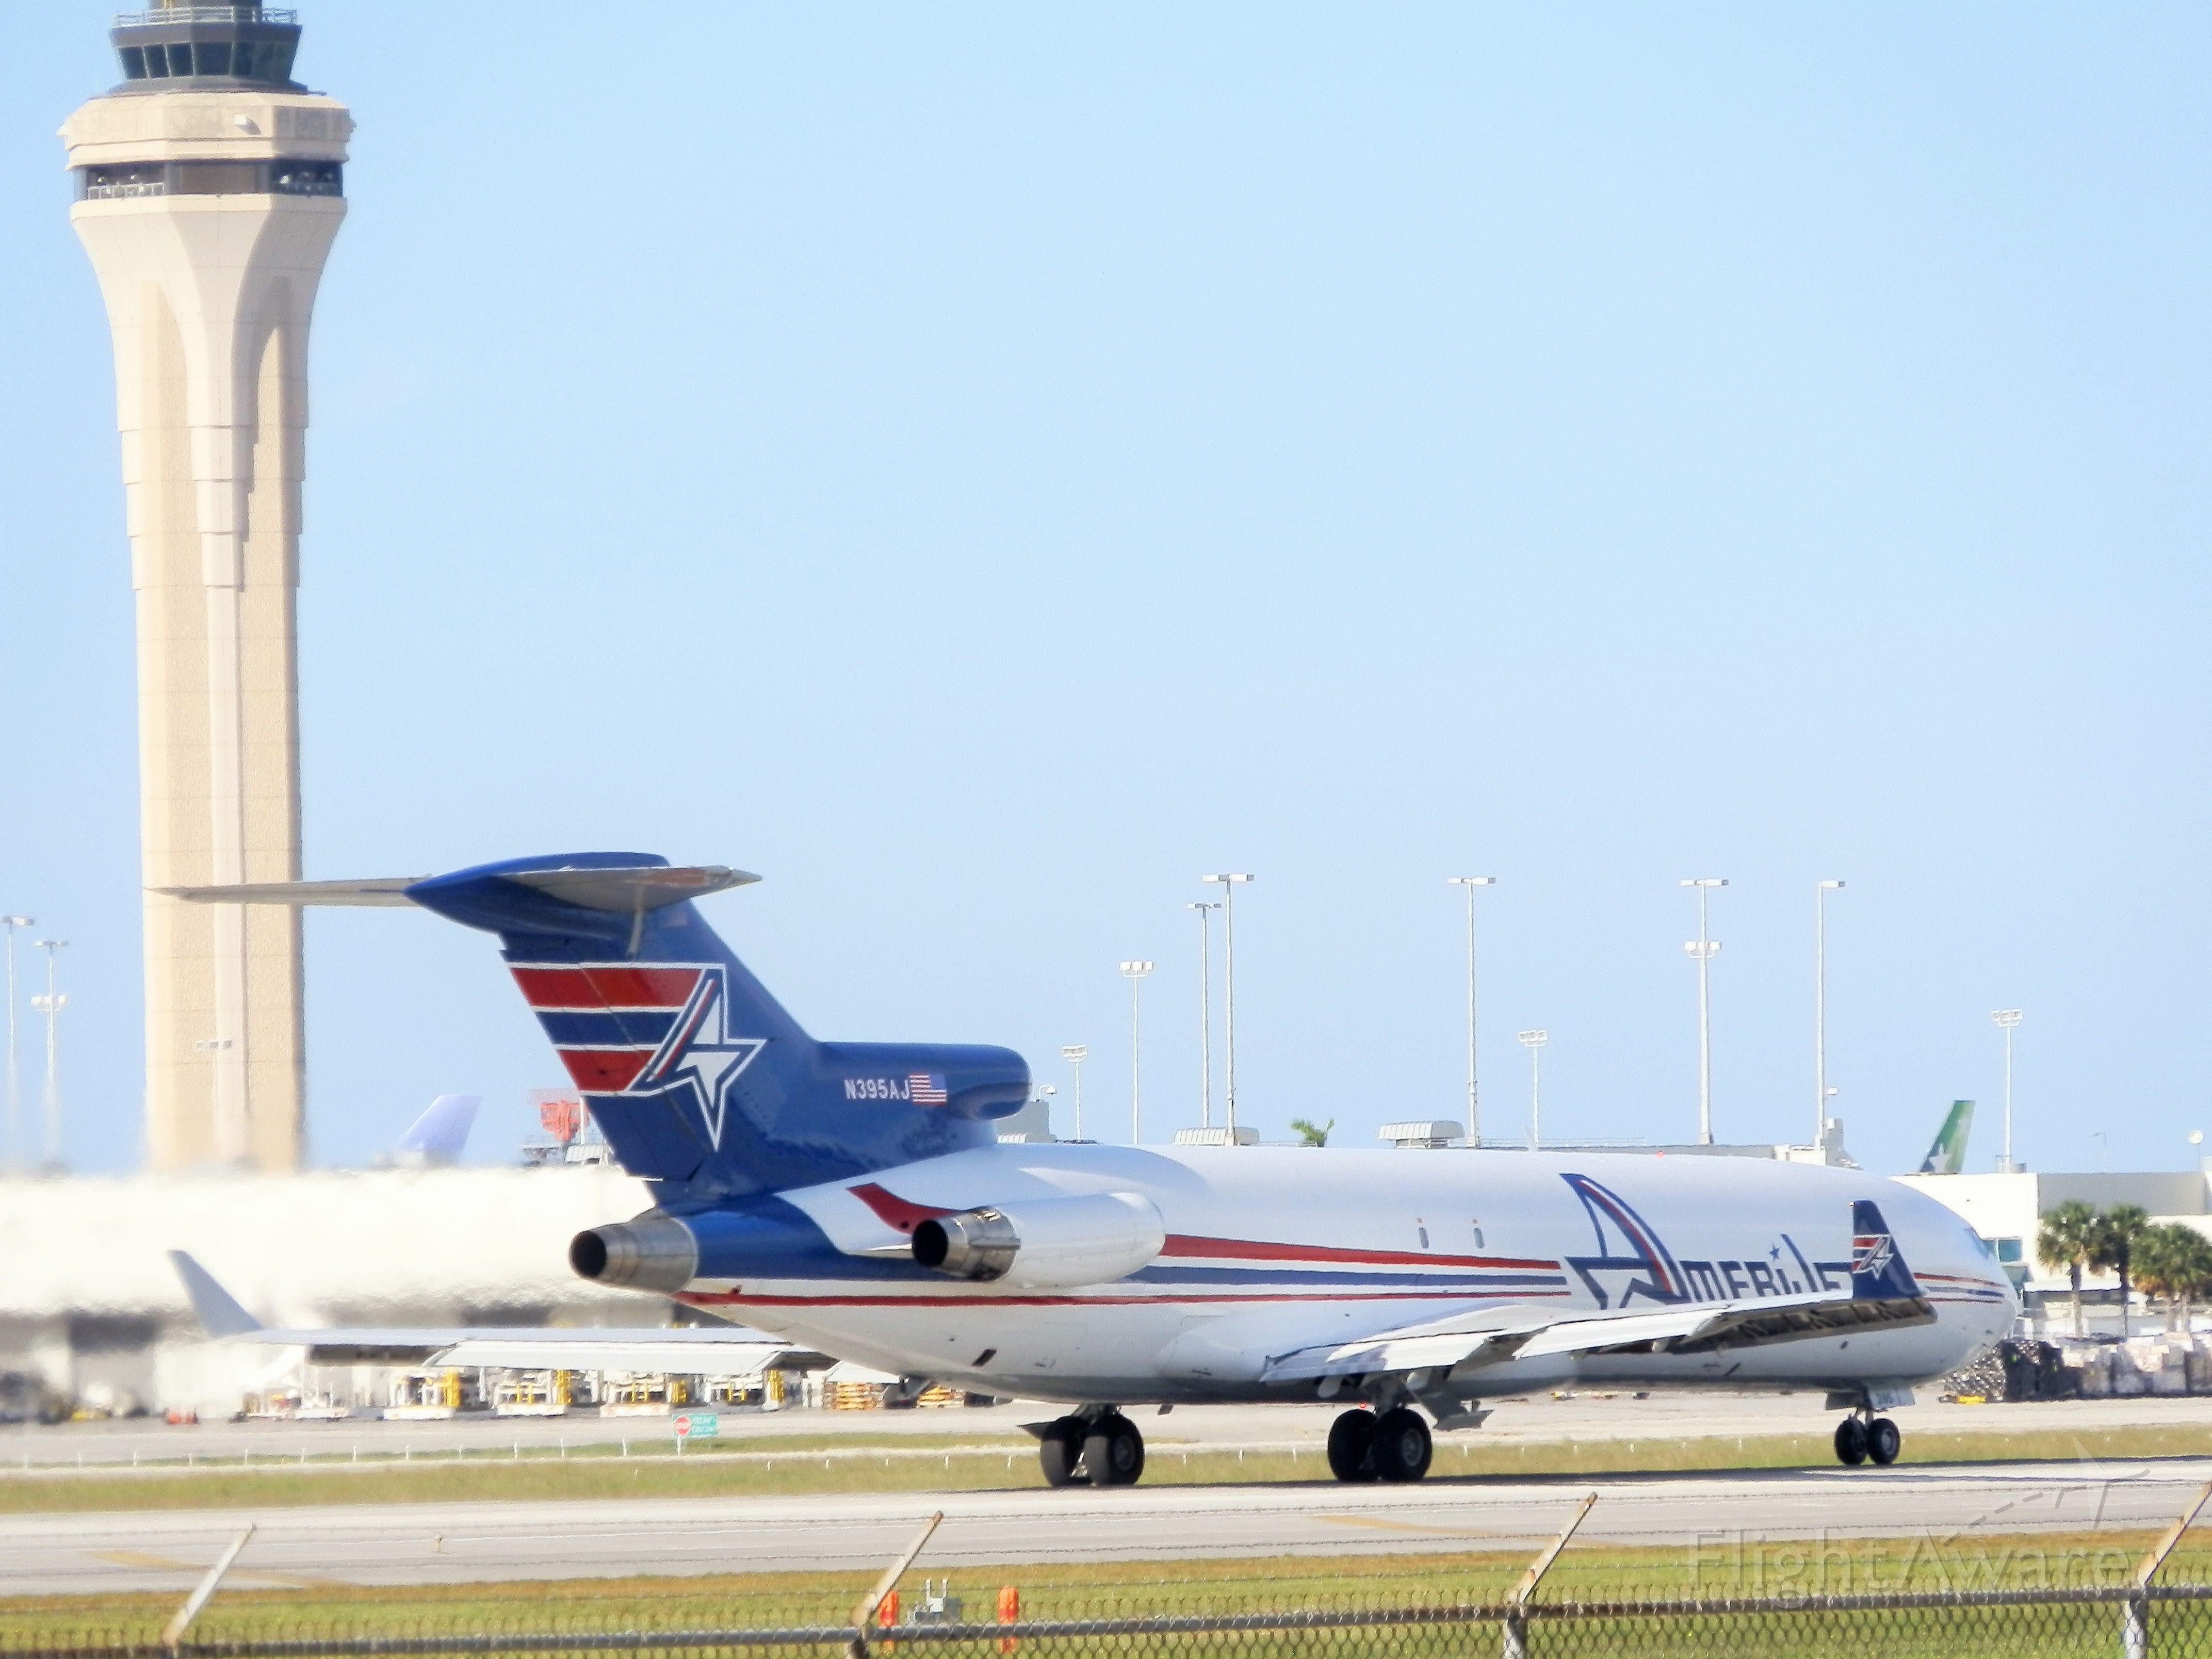 BOEING 727-200 (N395AJ) - roll